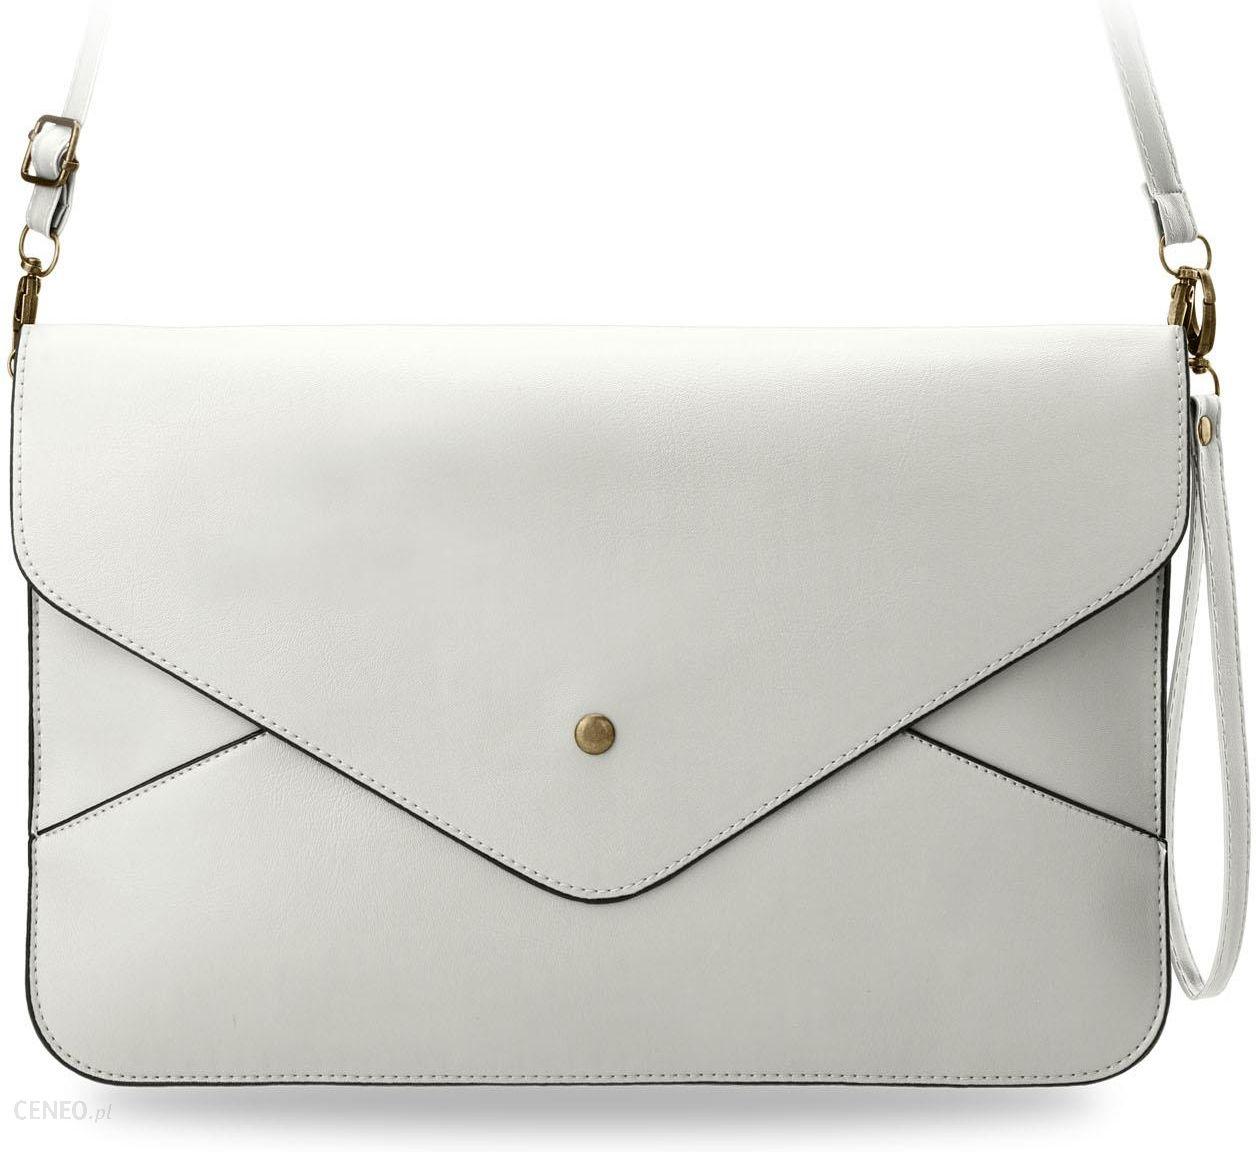 672ccd13f017a Duża torebka damska kopertówka do ręki na ramię nadgarstek - biały -  zdjęcie 1